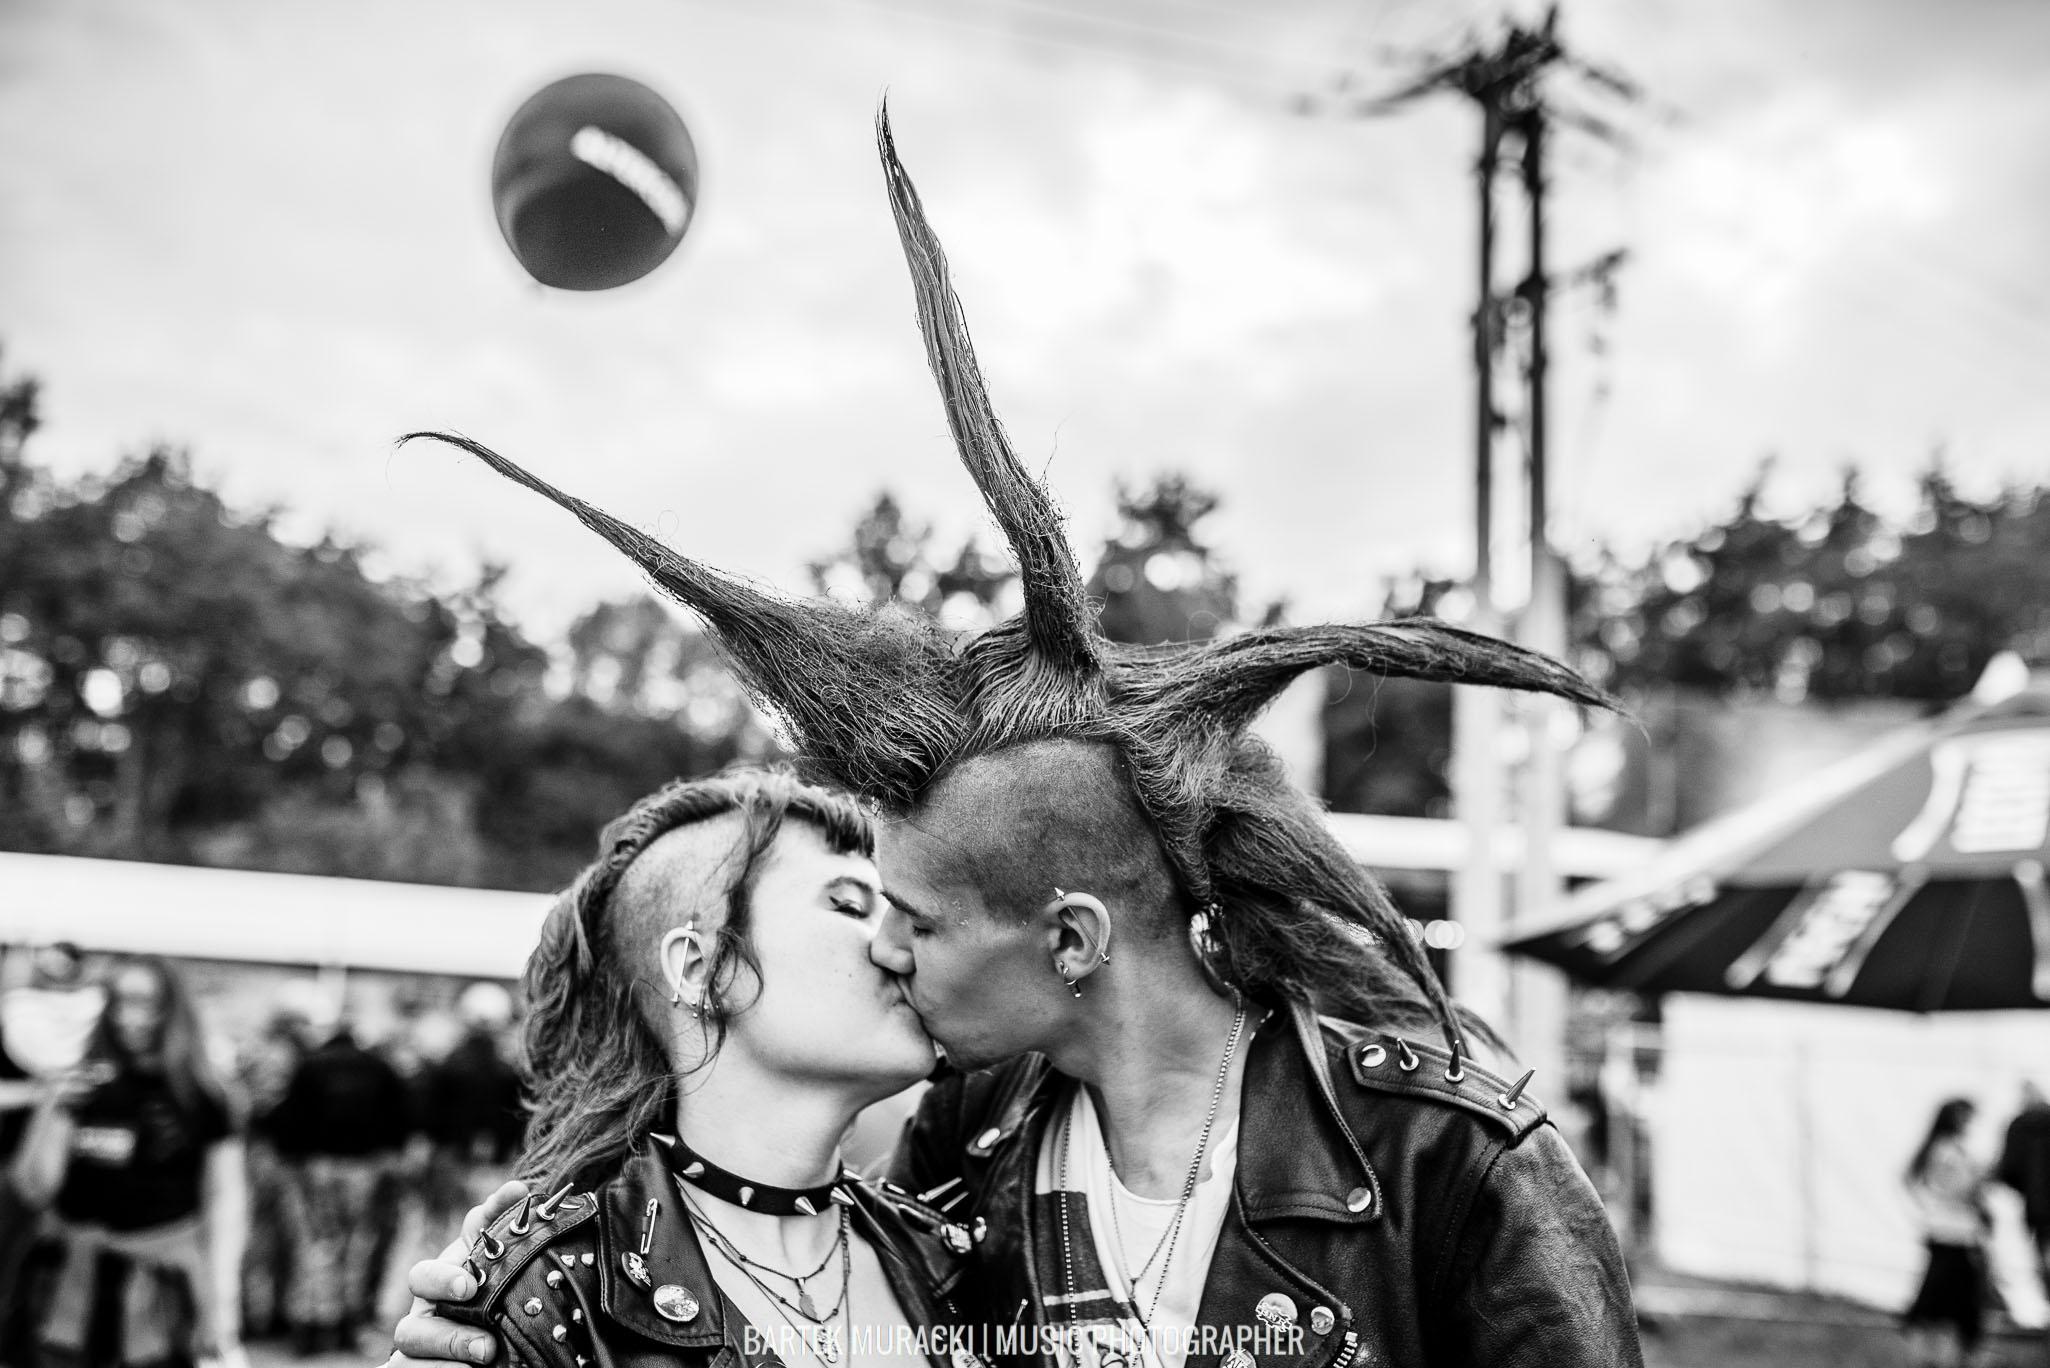 Przystanek-Woodstock-2016-WB-foto-Bartek-Muracki--139857